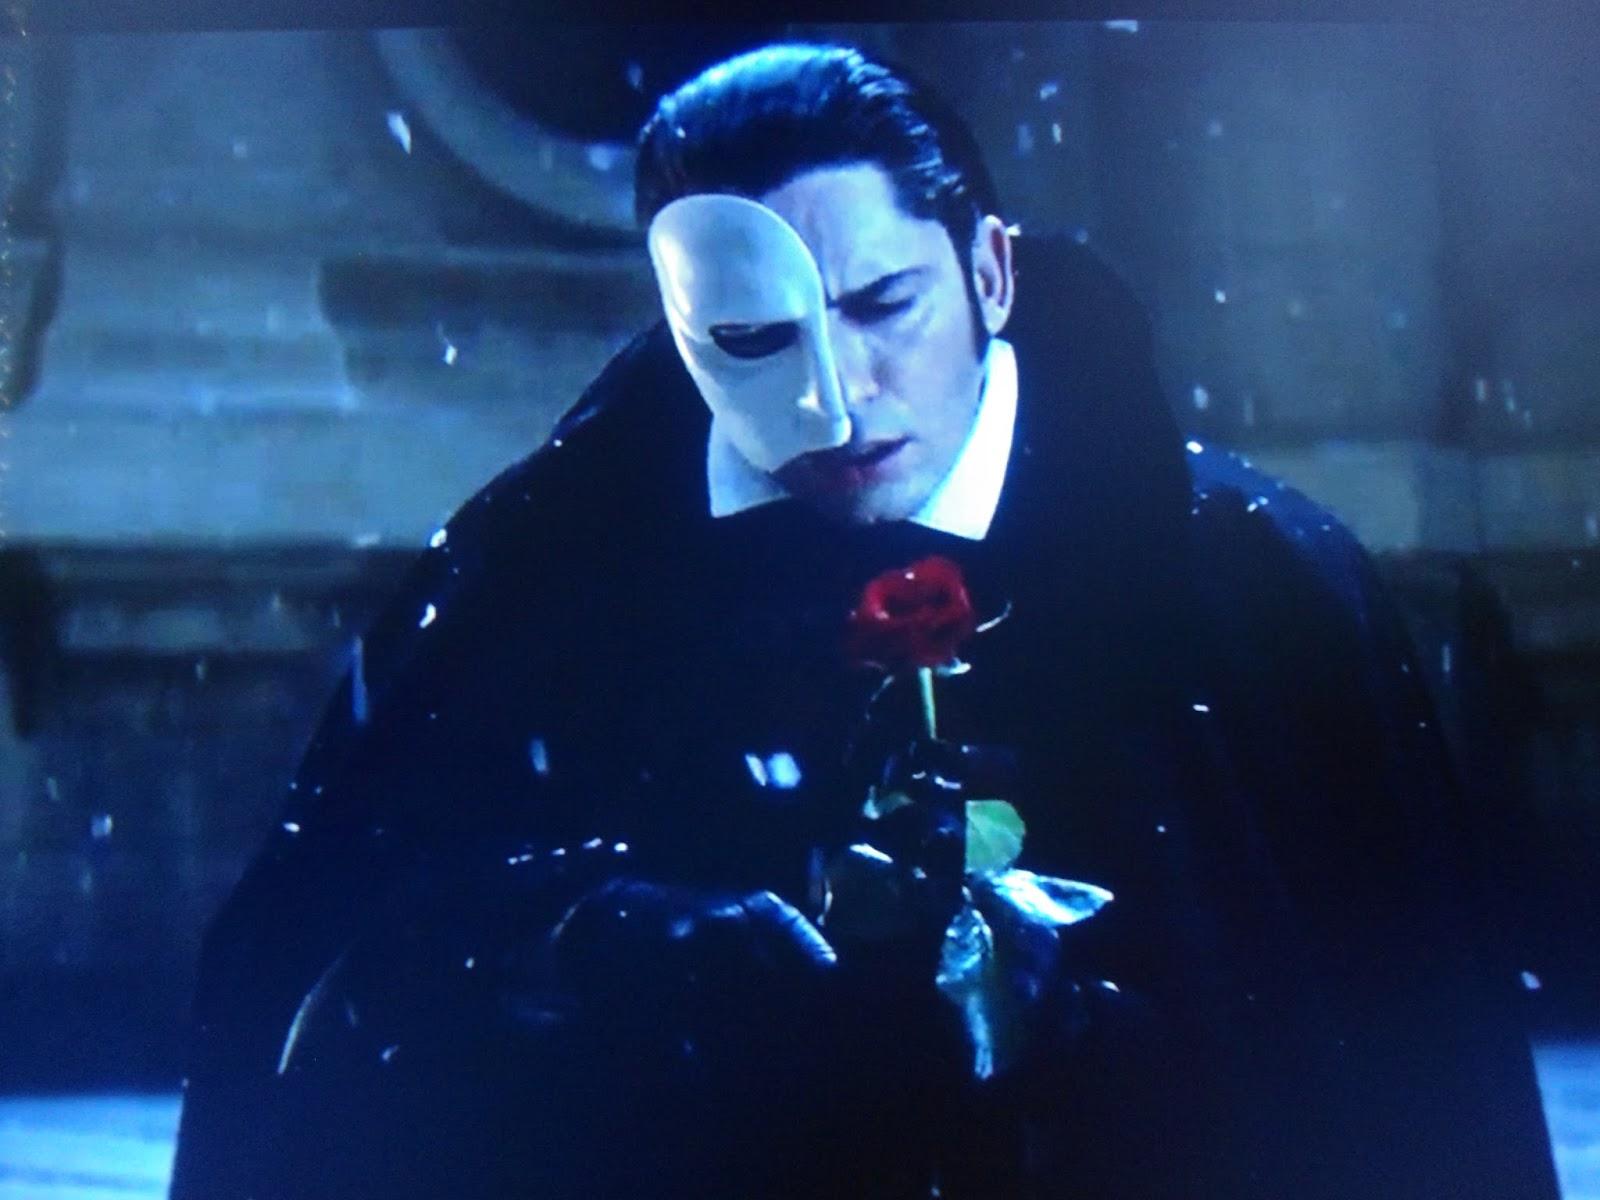 Fantasma da Ópera - Erik - passarpelasbarreiras